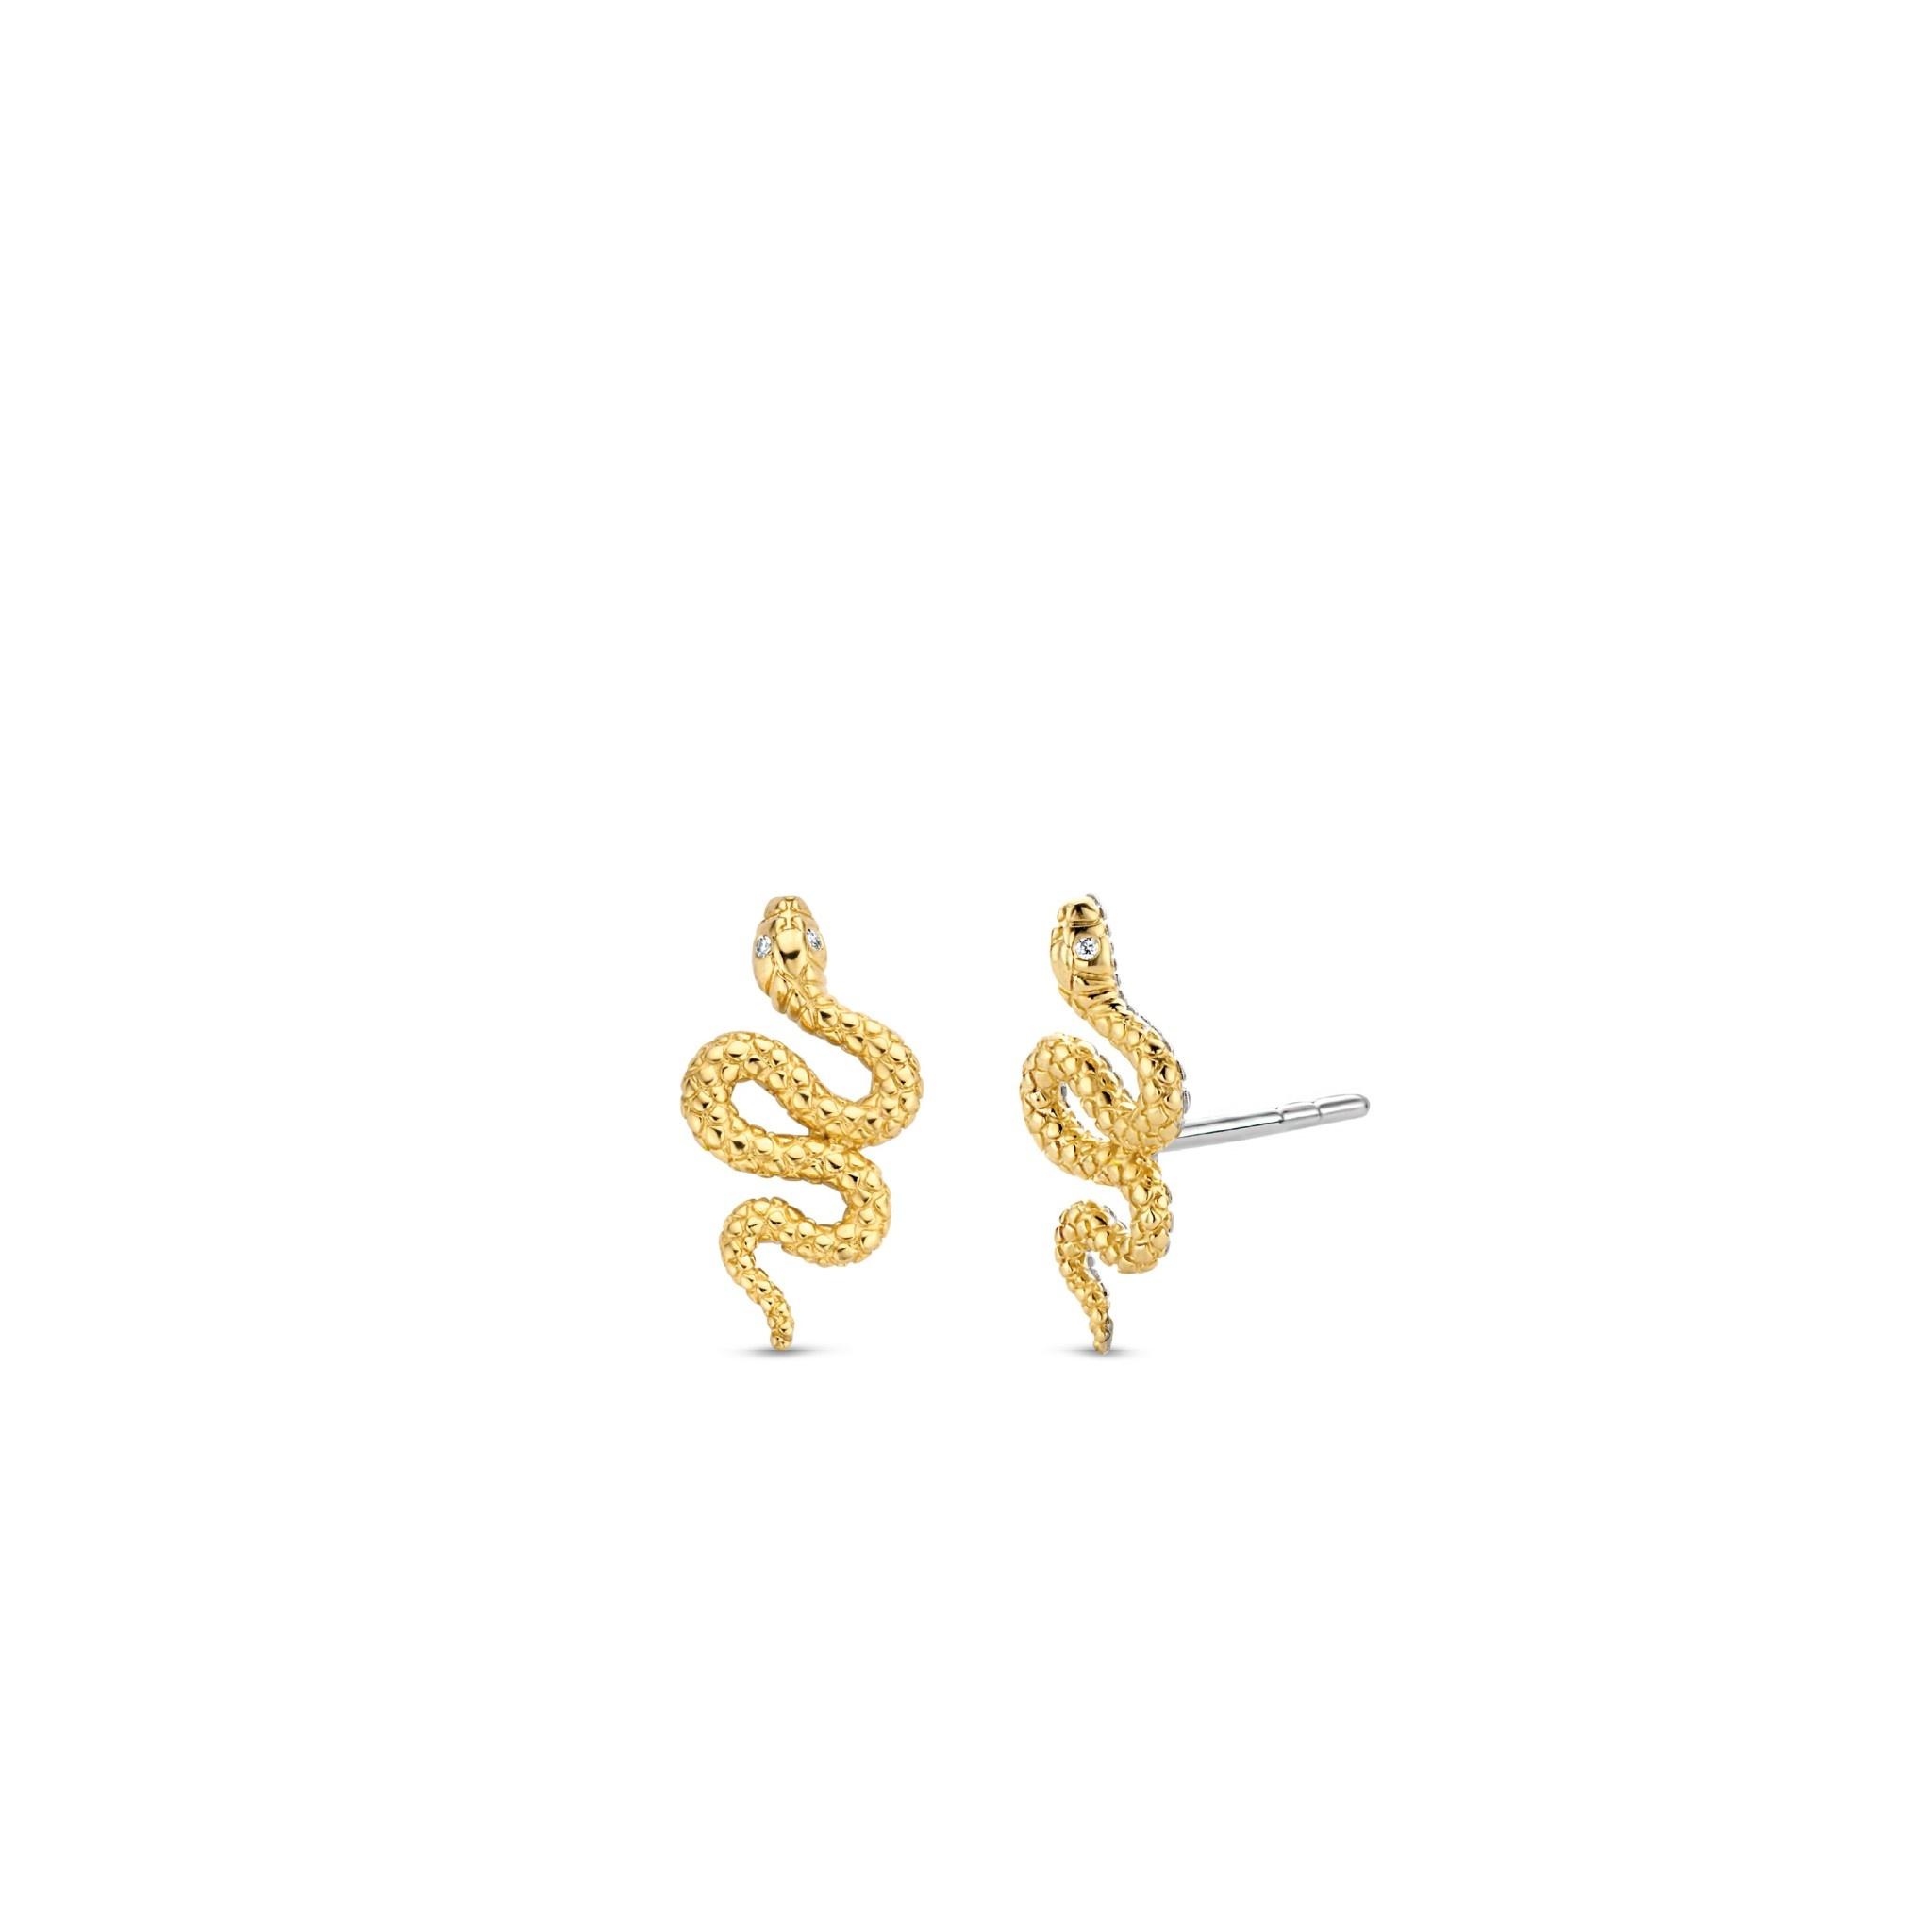 TI SENTO - Milano Earrings 7826SY-1